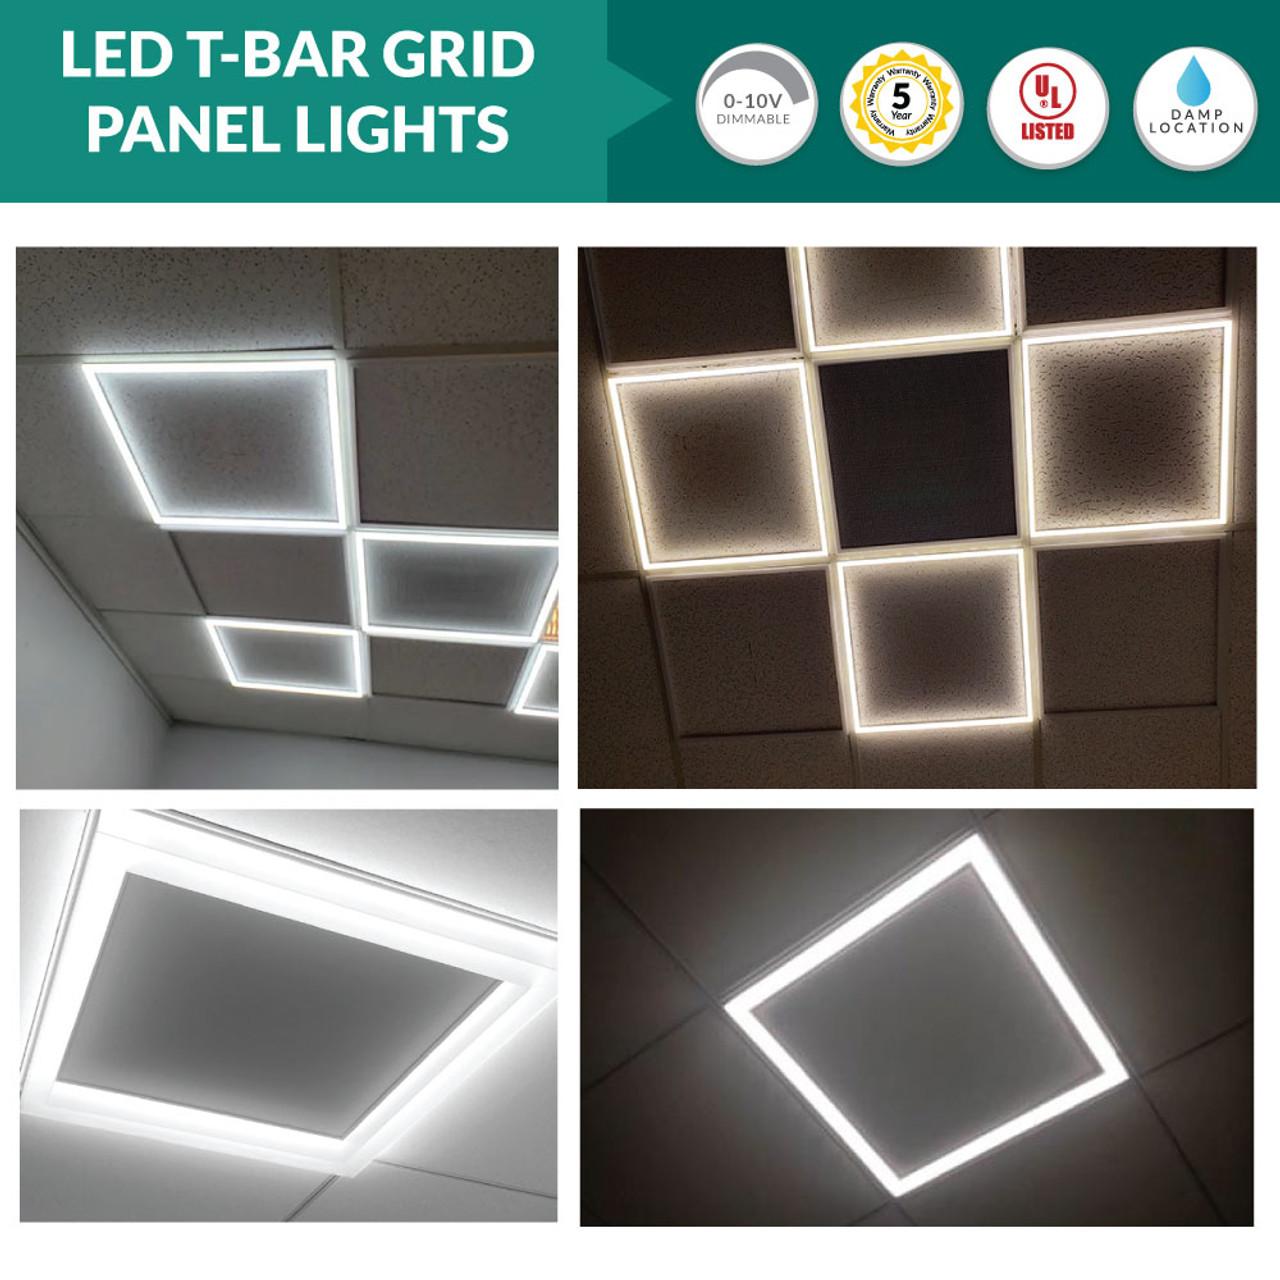 edge lit led ceiling tile light 2x2 4000k cool white